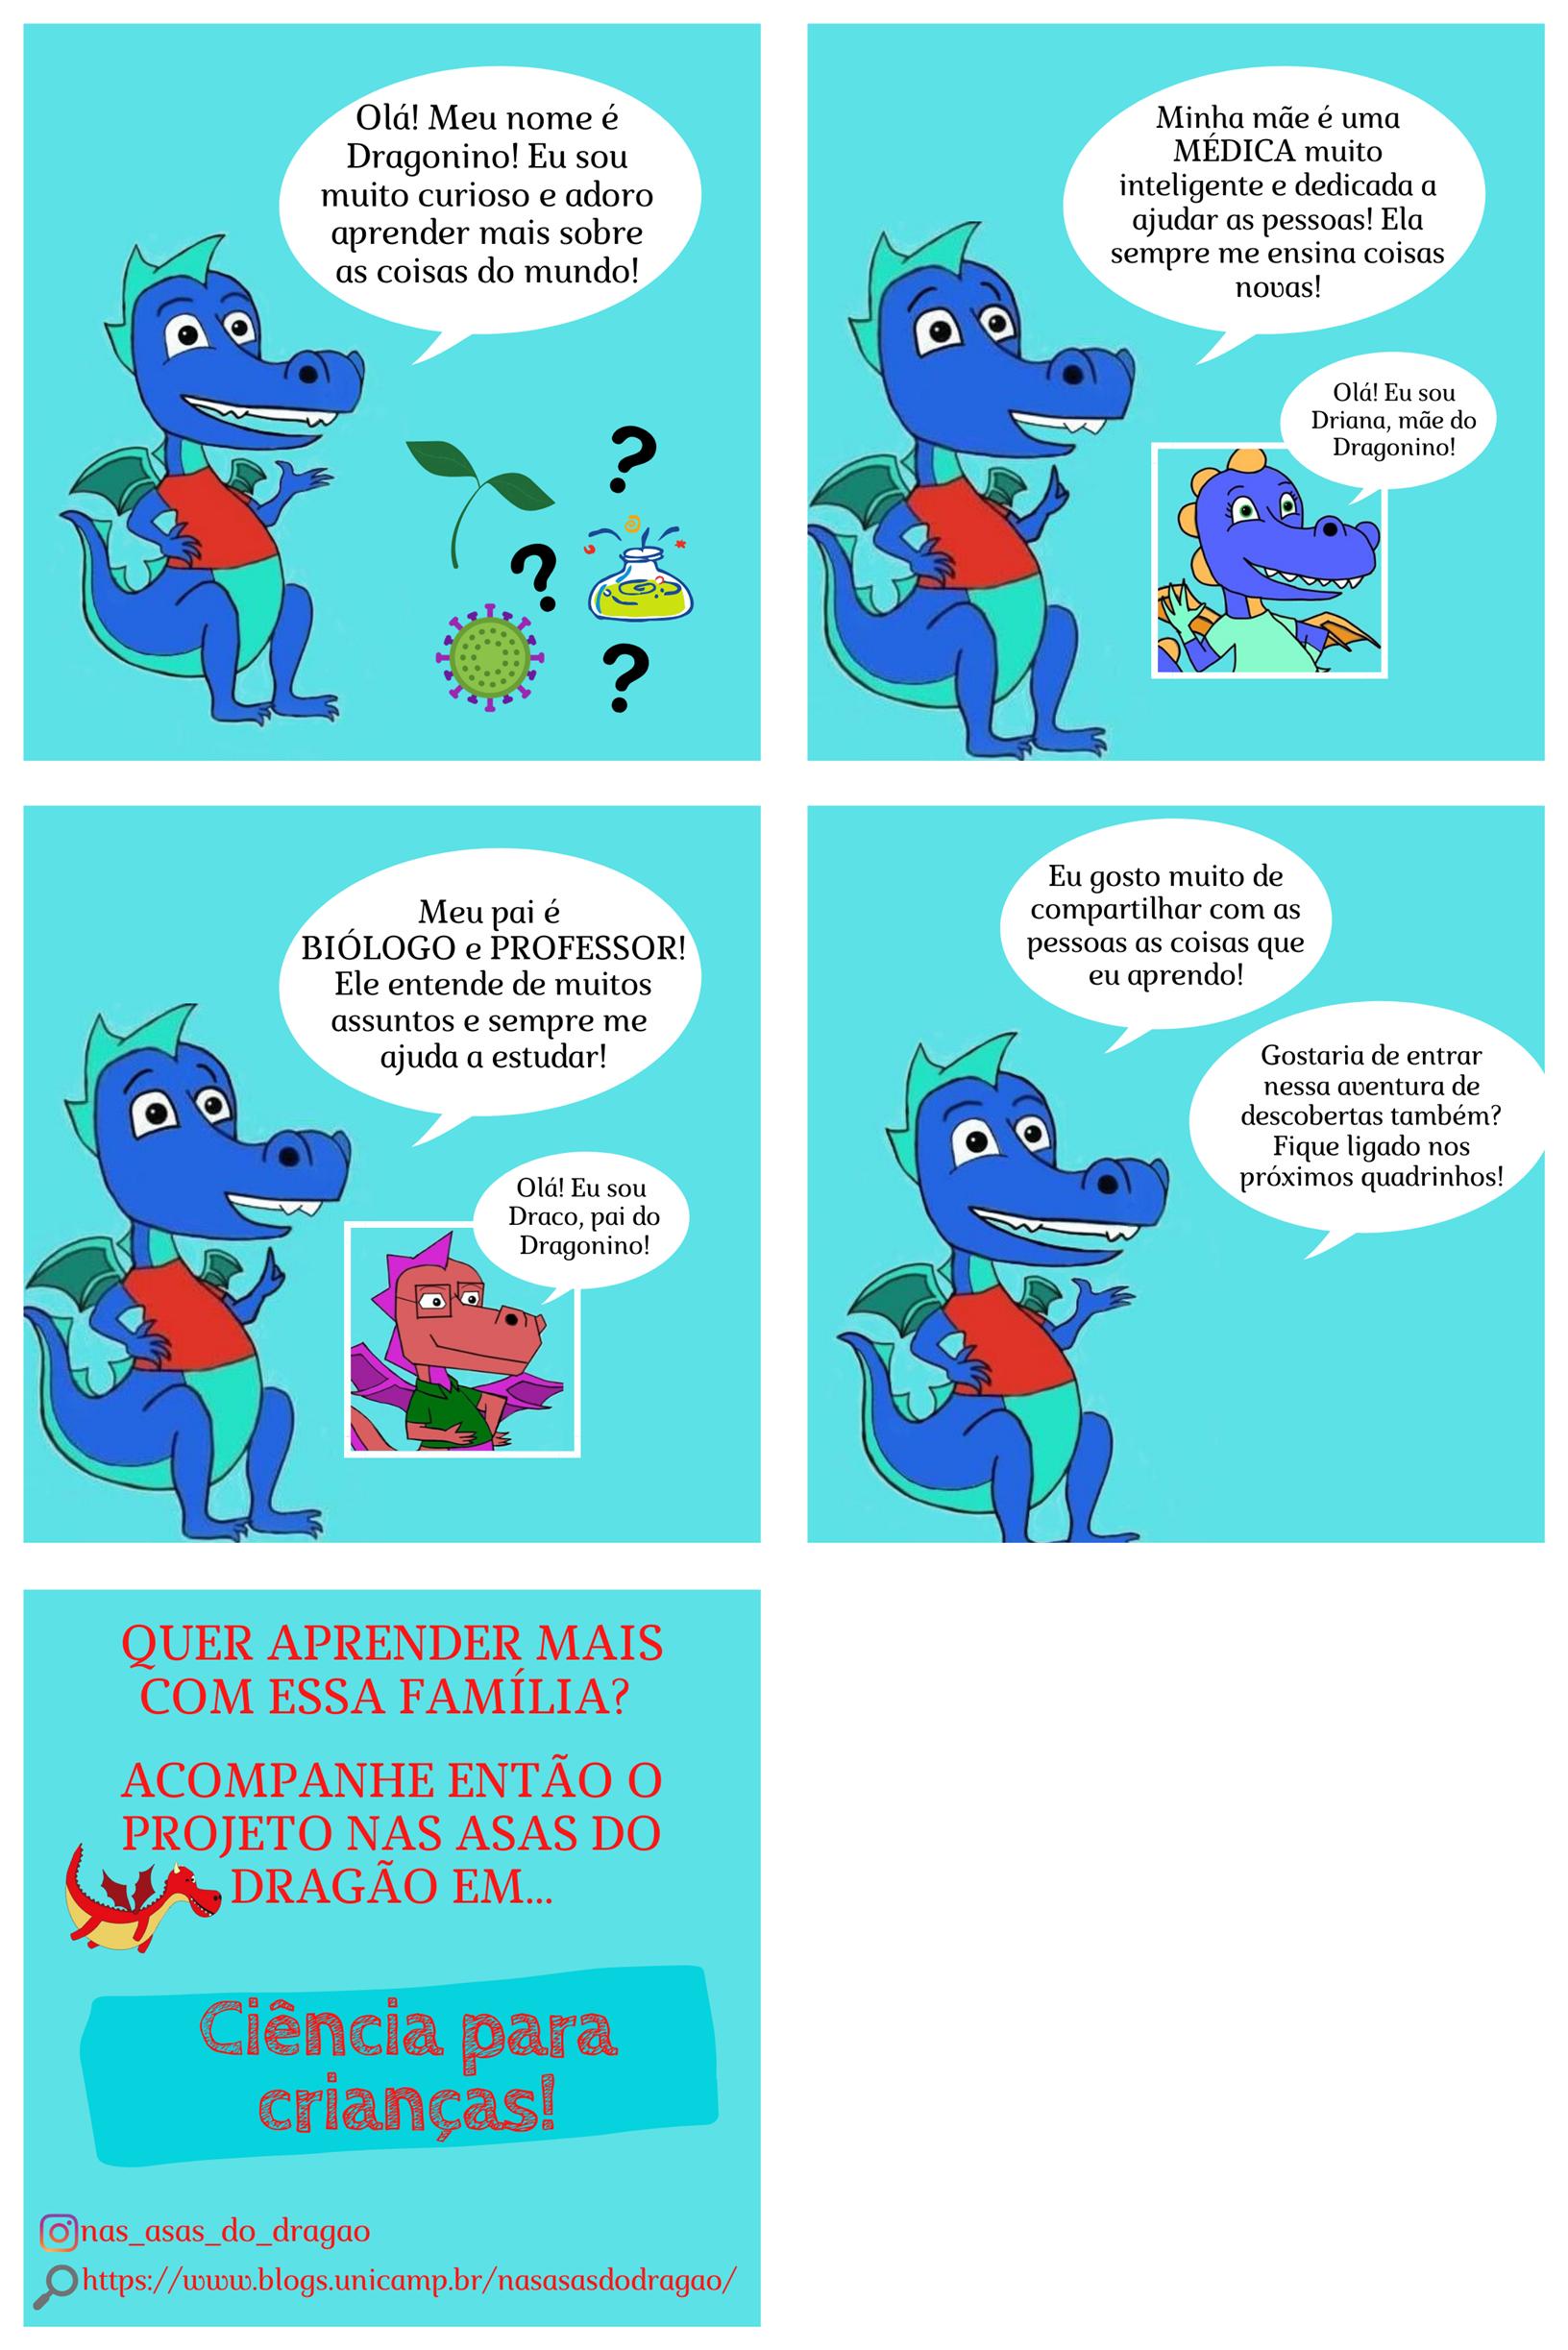 Quadrinhos de apresentação do Dragonino e sua família para iniciar a série Ciência para crianças!